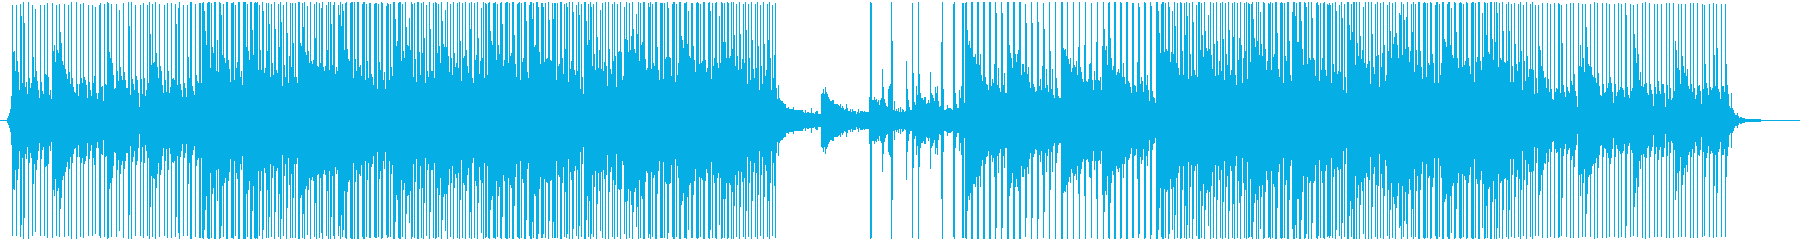 ピアノ、シンセサイザー、ベース、ビートをの再生済みの波形